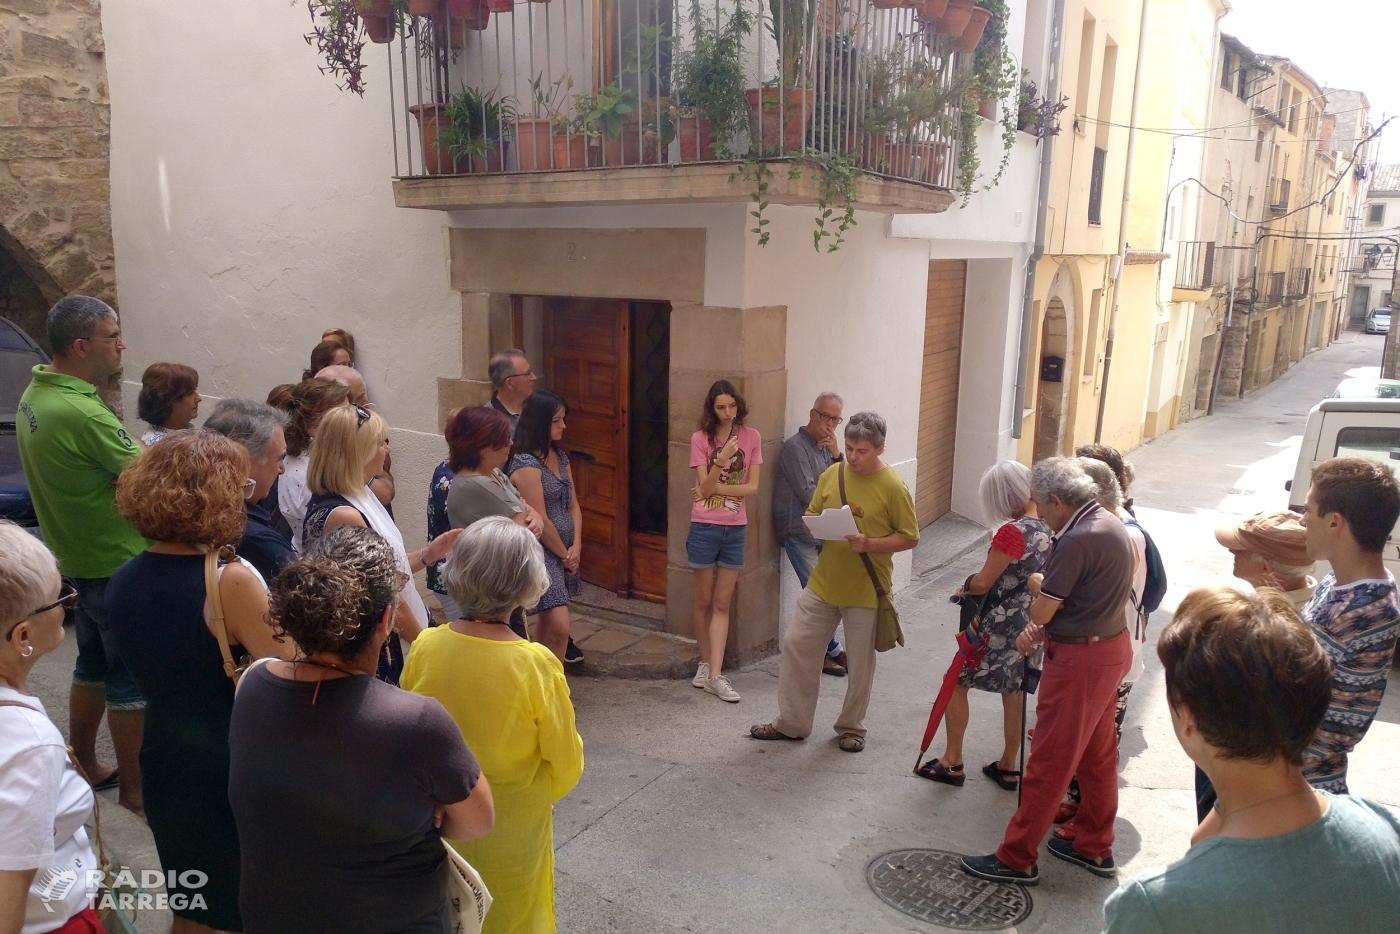 Tàrrega promou el seu patrimoni jueu medieval amb una visita guiada al call